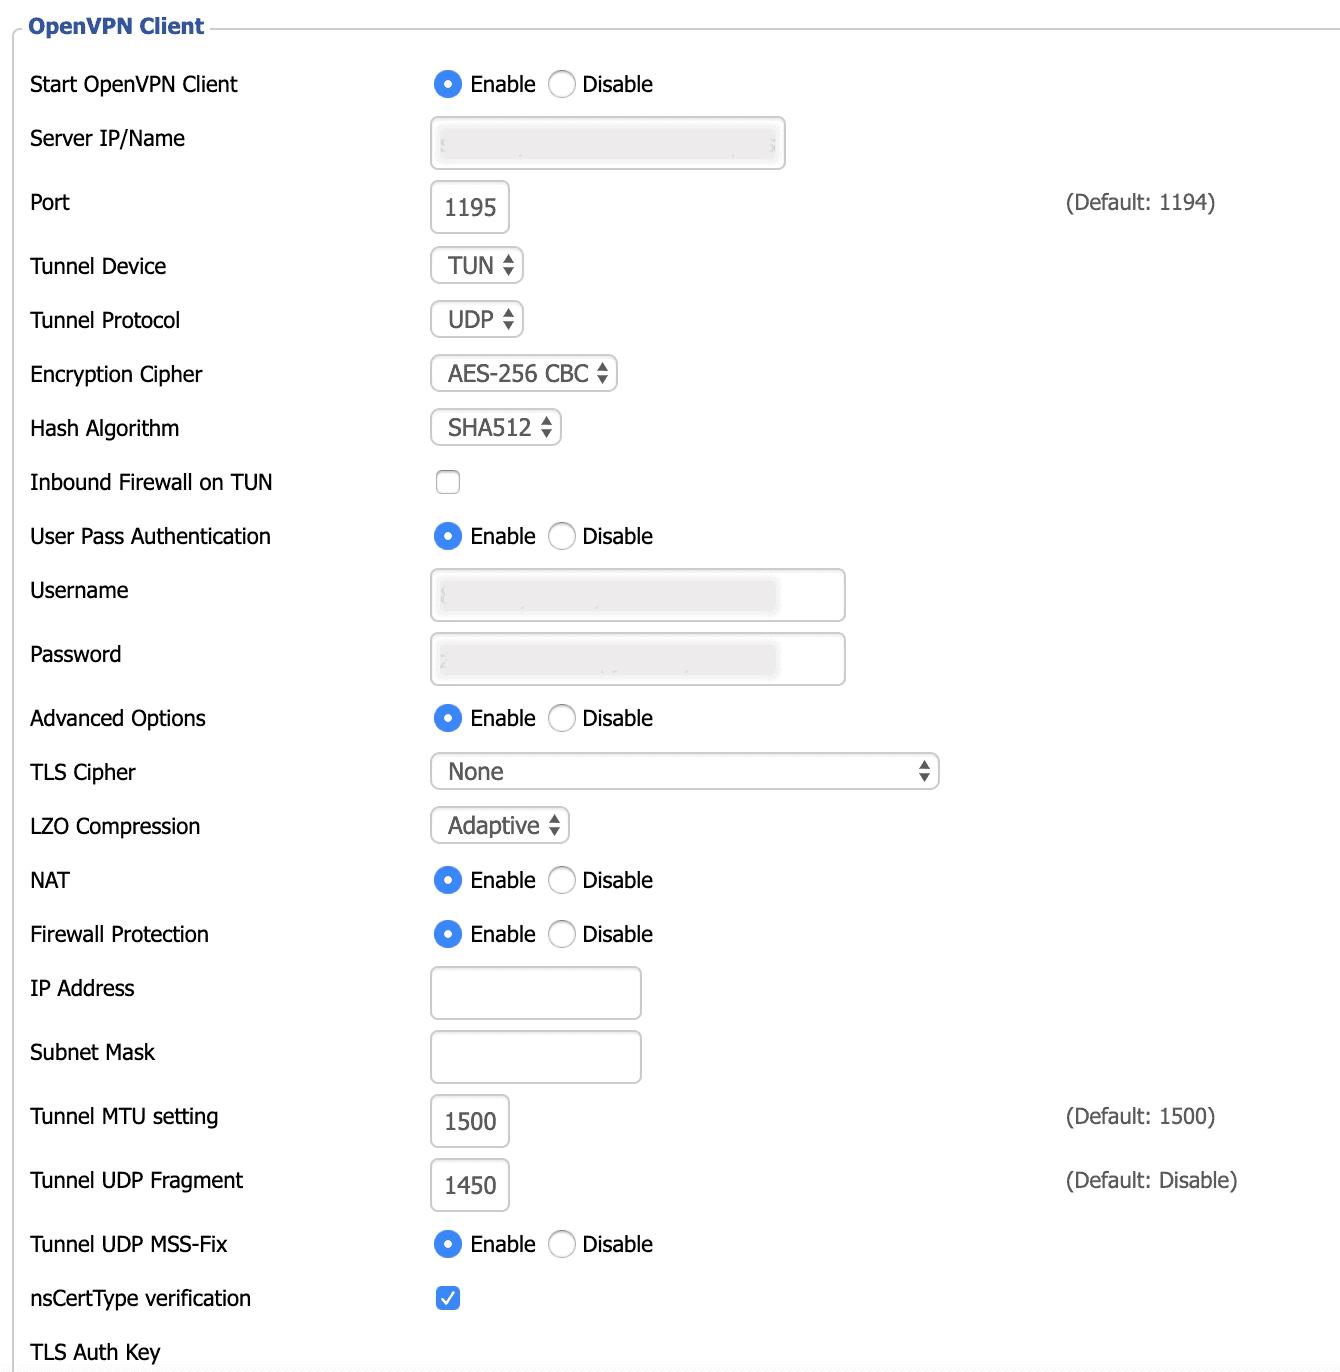 Entrez les détails pour configurer votre routeur avec OpenVPN.